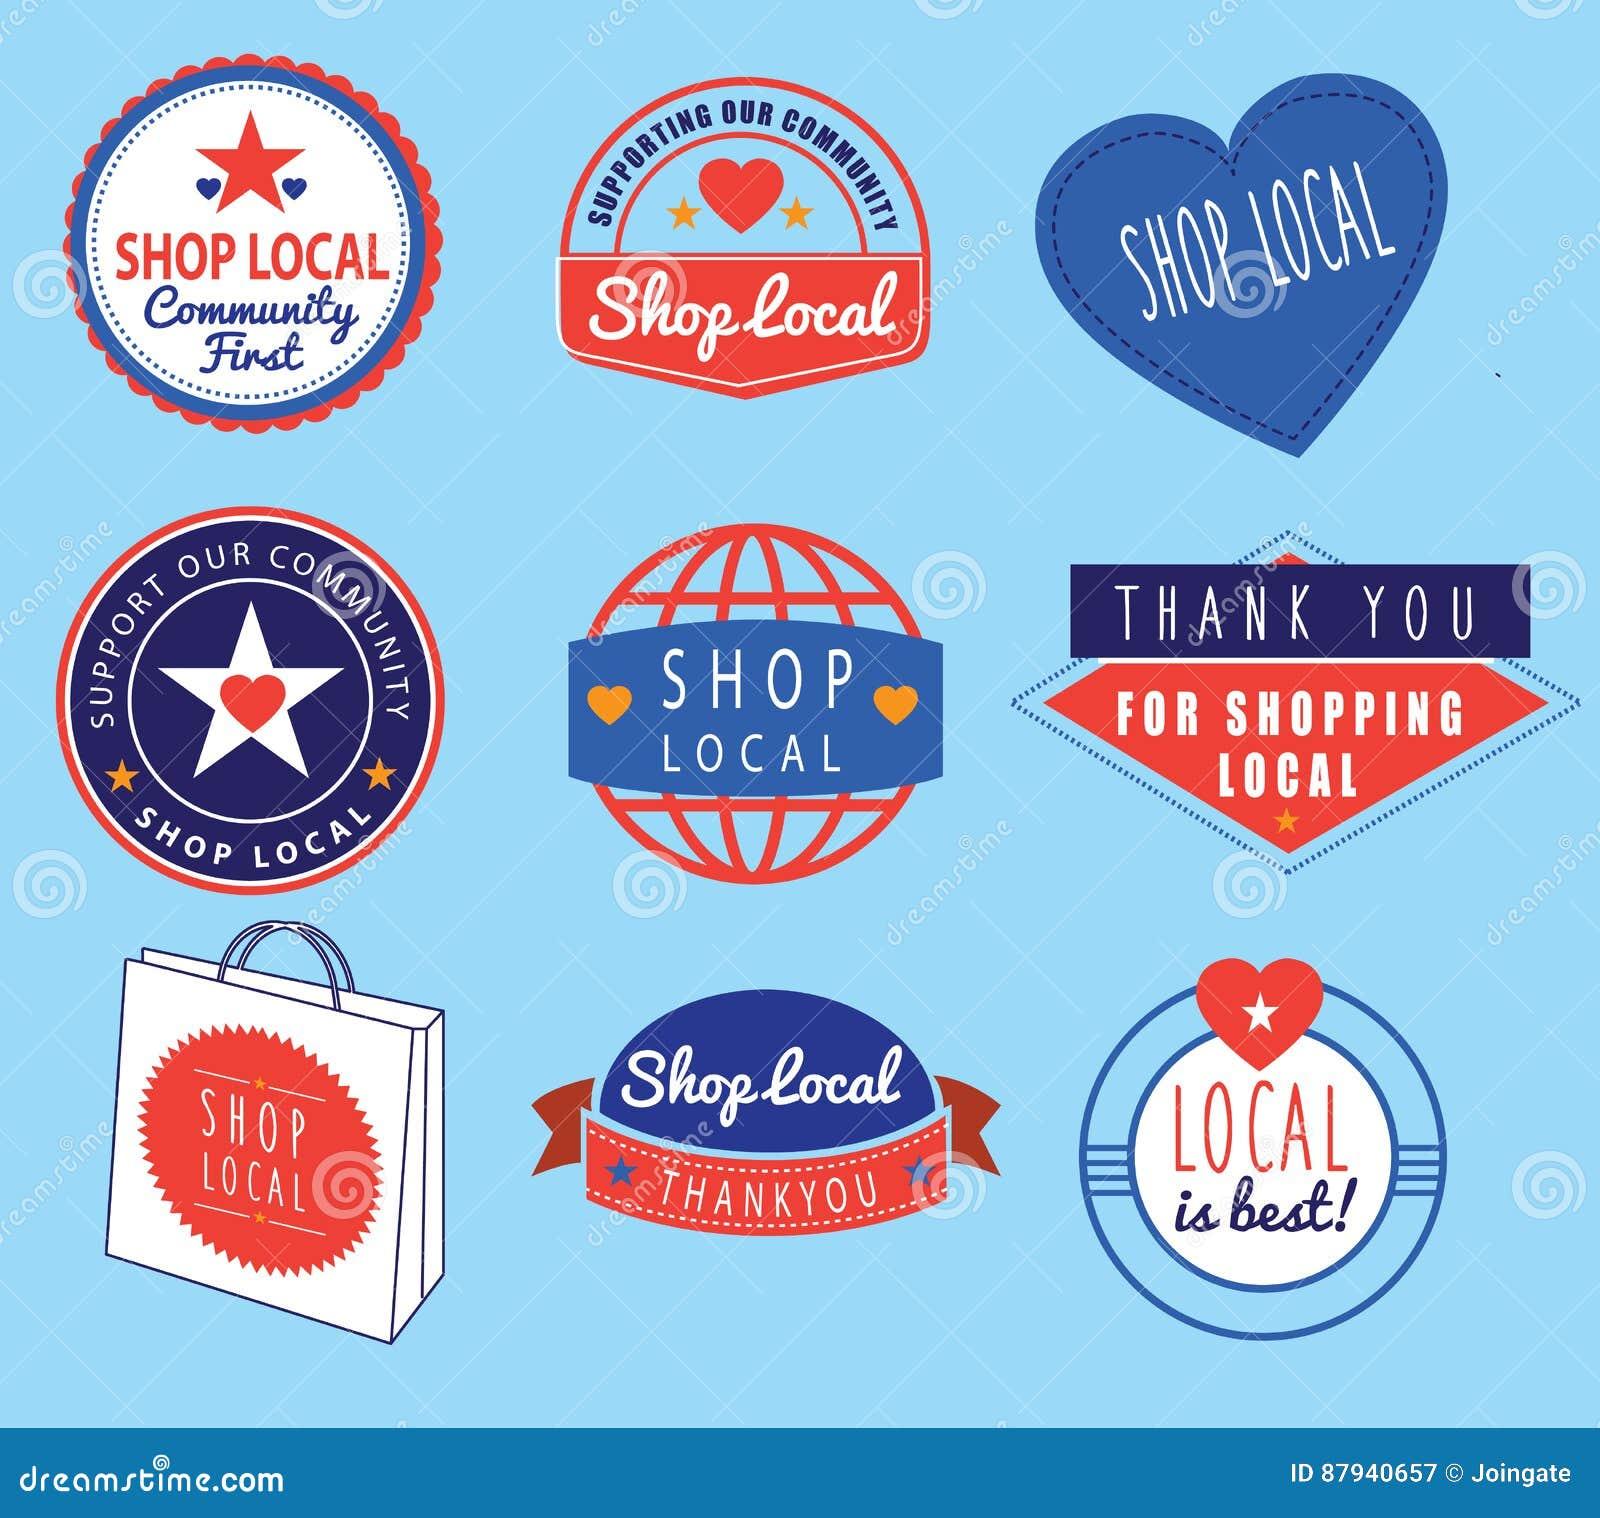 Série de logotipos retros do vintage baseados no tema do local da loja